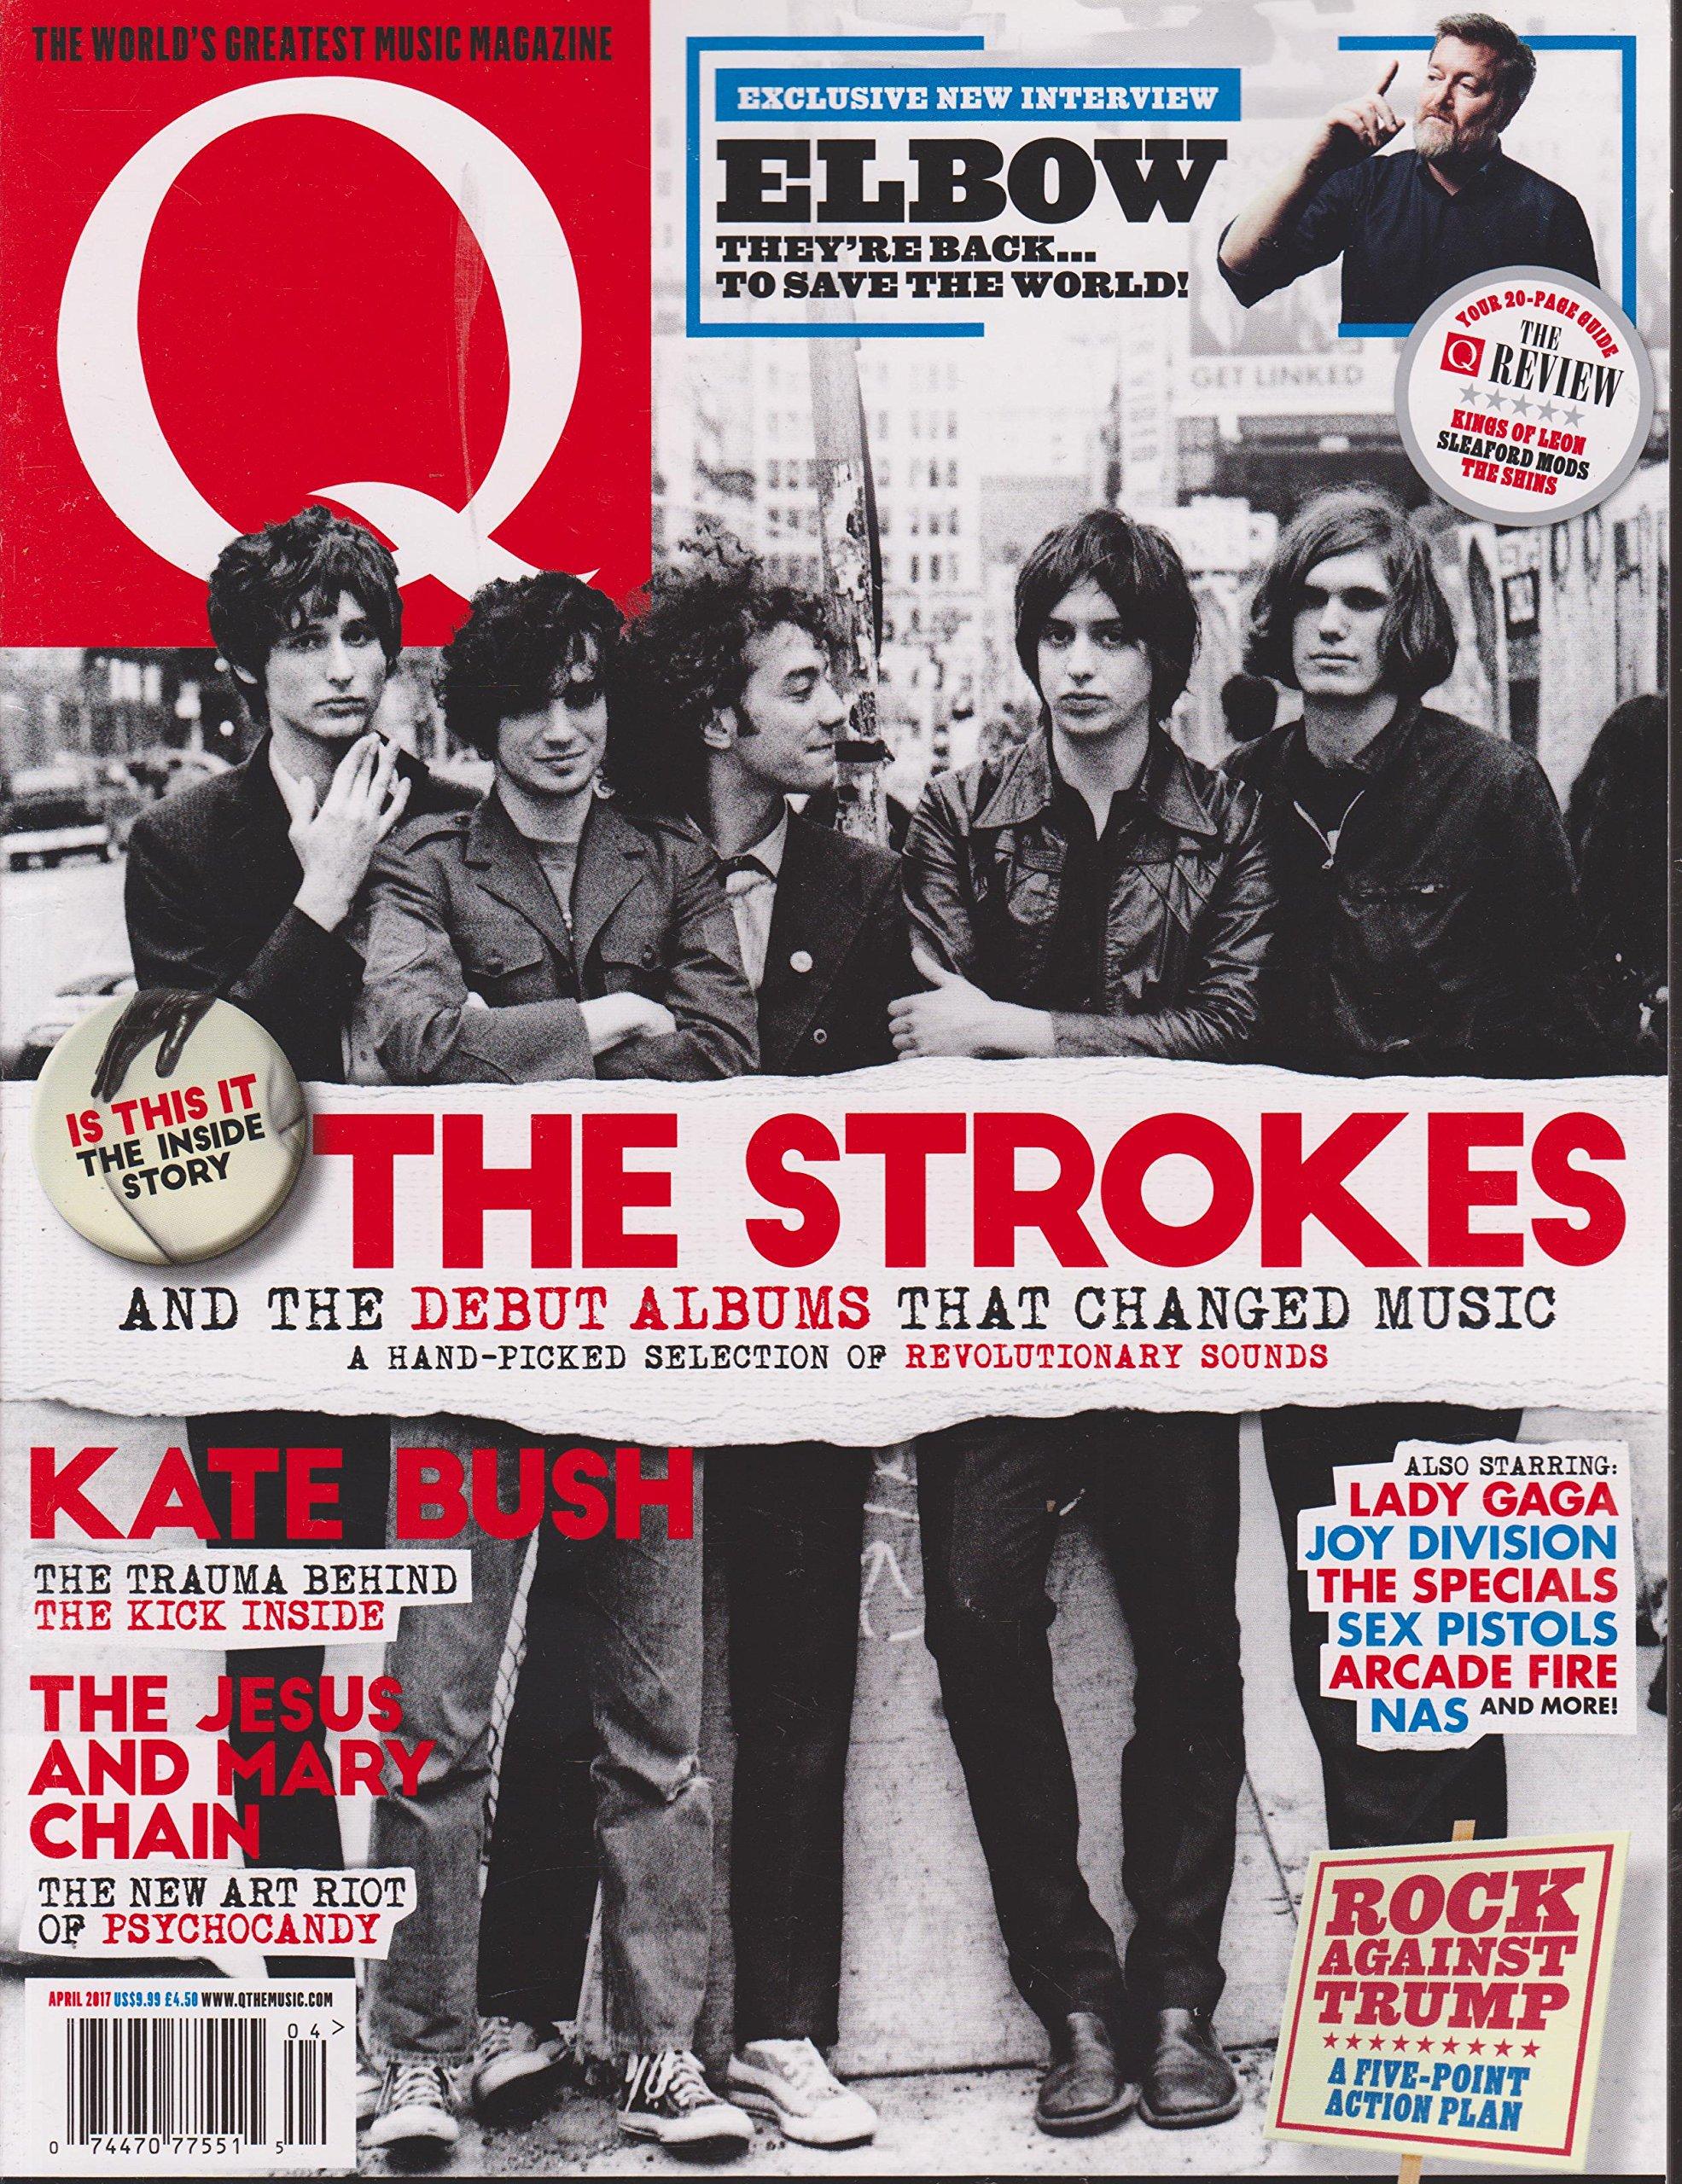 Q Magazine (April, 2017) The Strokes Cover: Amazon.com: Books